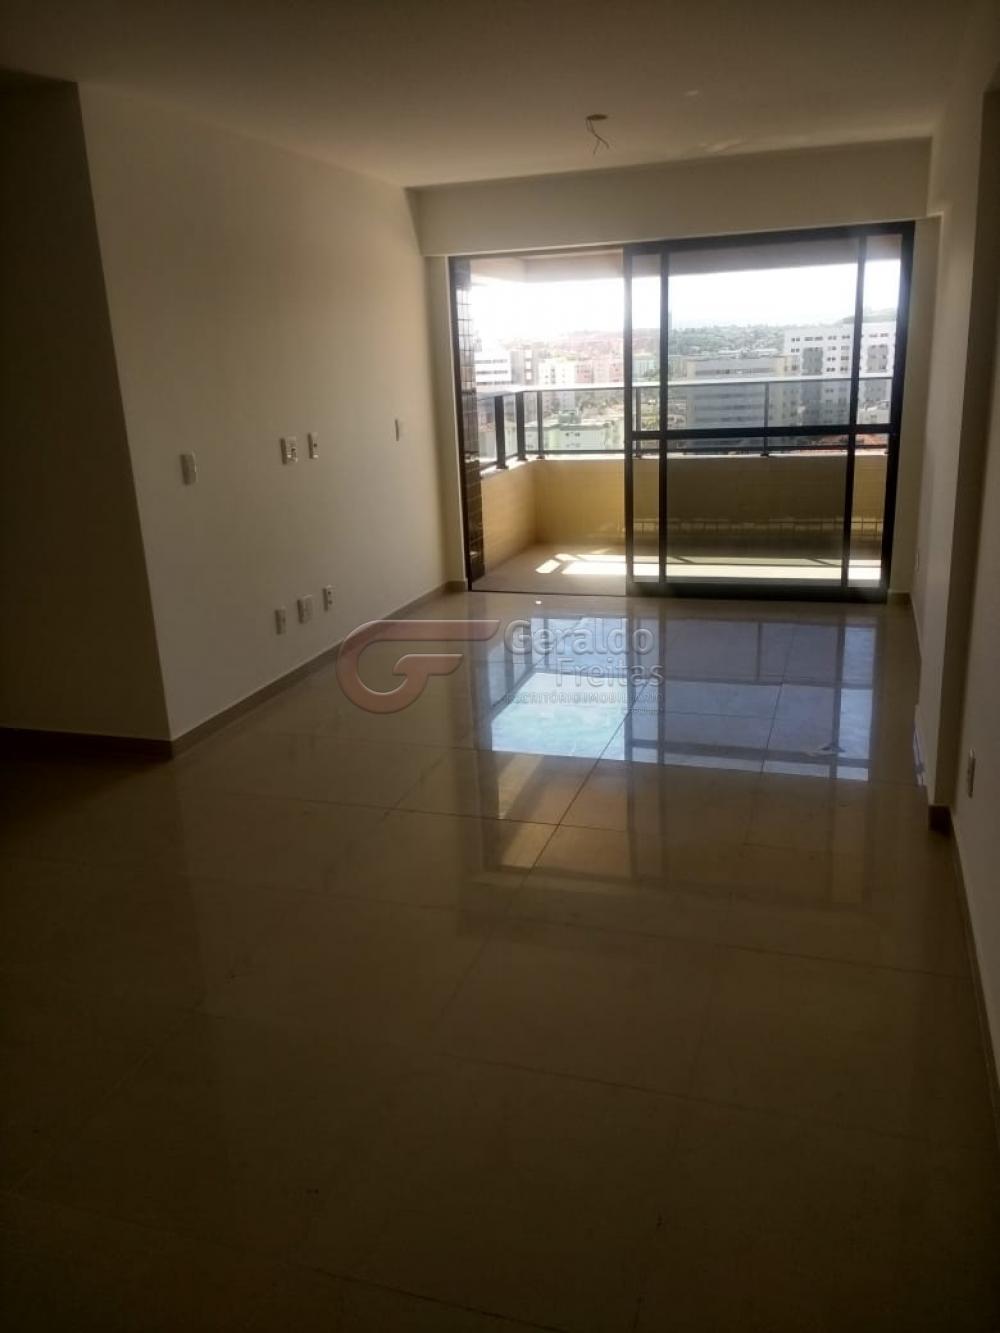 Comprar Apartamentos / Padrão em Maceió apenas R$ 770.000,00 - Foto 10